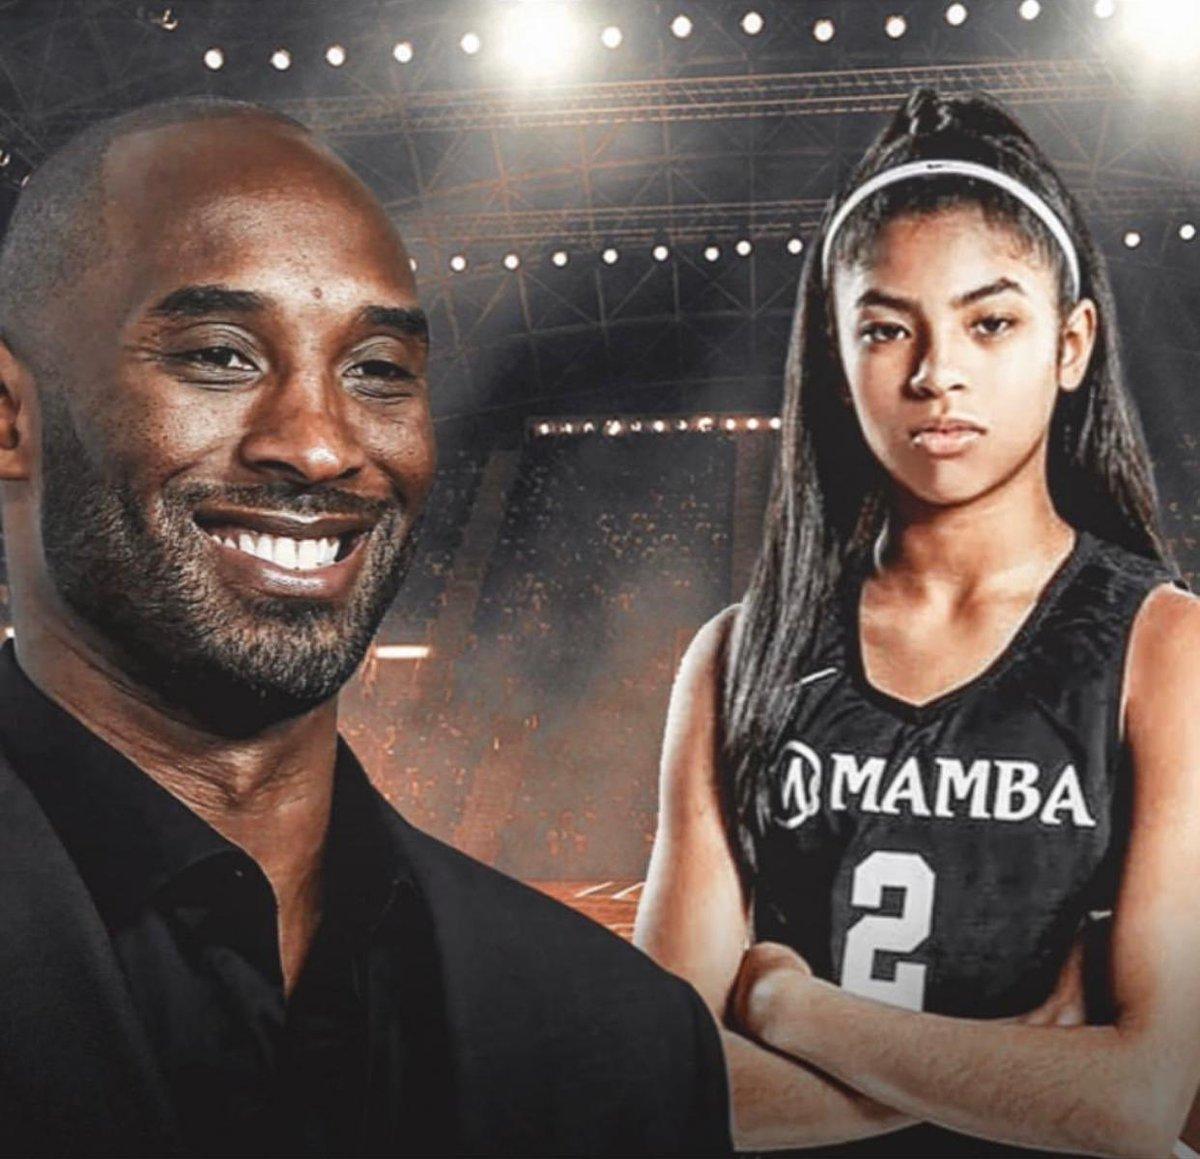 Conmocionado por el fallecimiento de una de las mayores leyendas del deporte, Kobe Bryant. DEP así como su hija y acompañantes. 😞🙏🏽